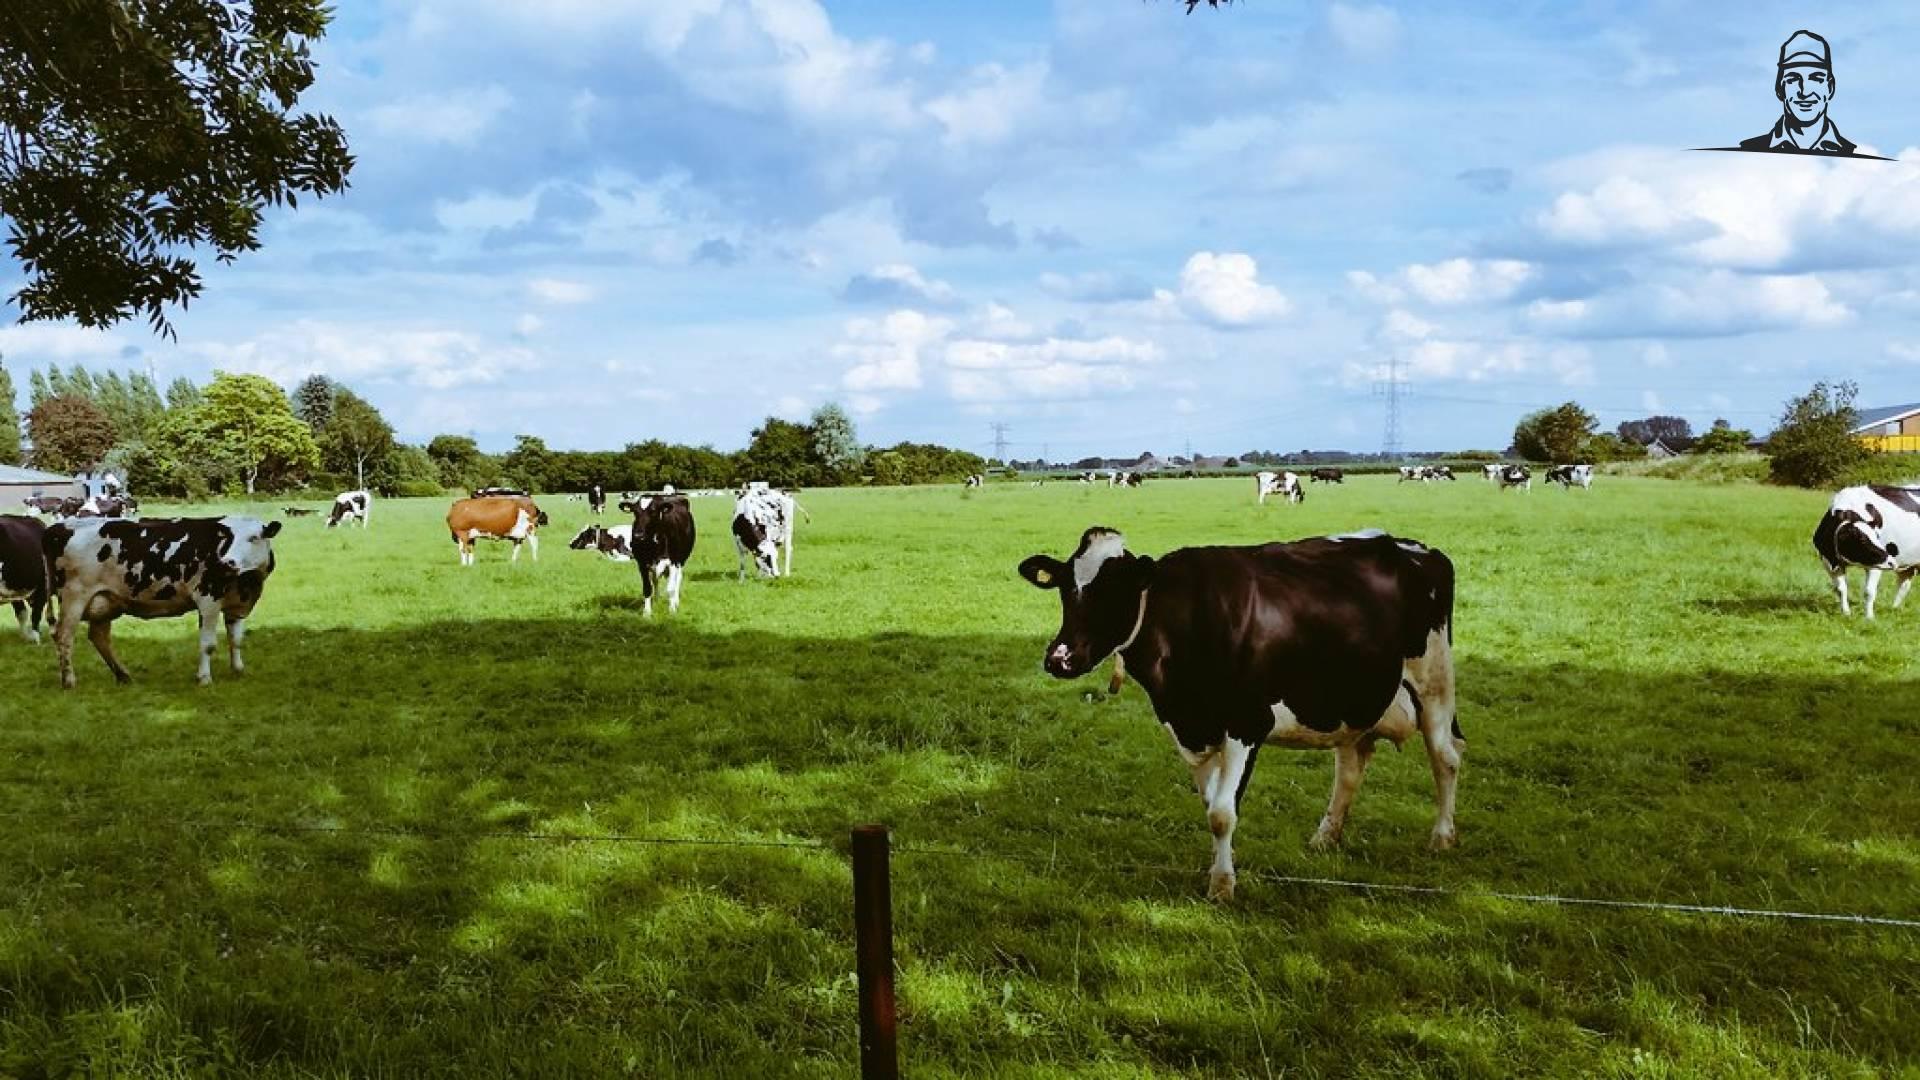 De dames koe zijn weer van de partij in 't weiland voor 't huis van Nieuwsgrazer